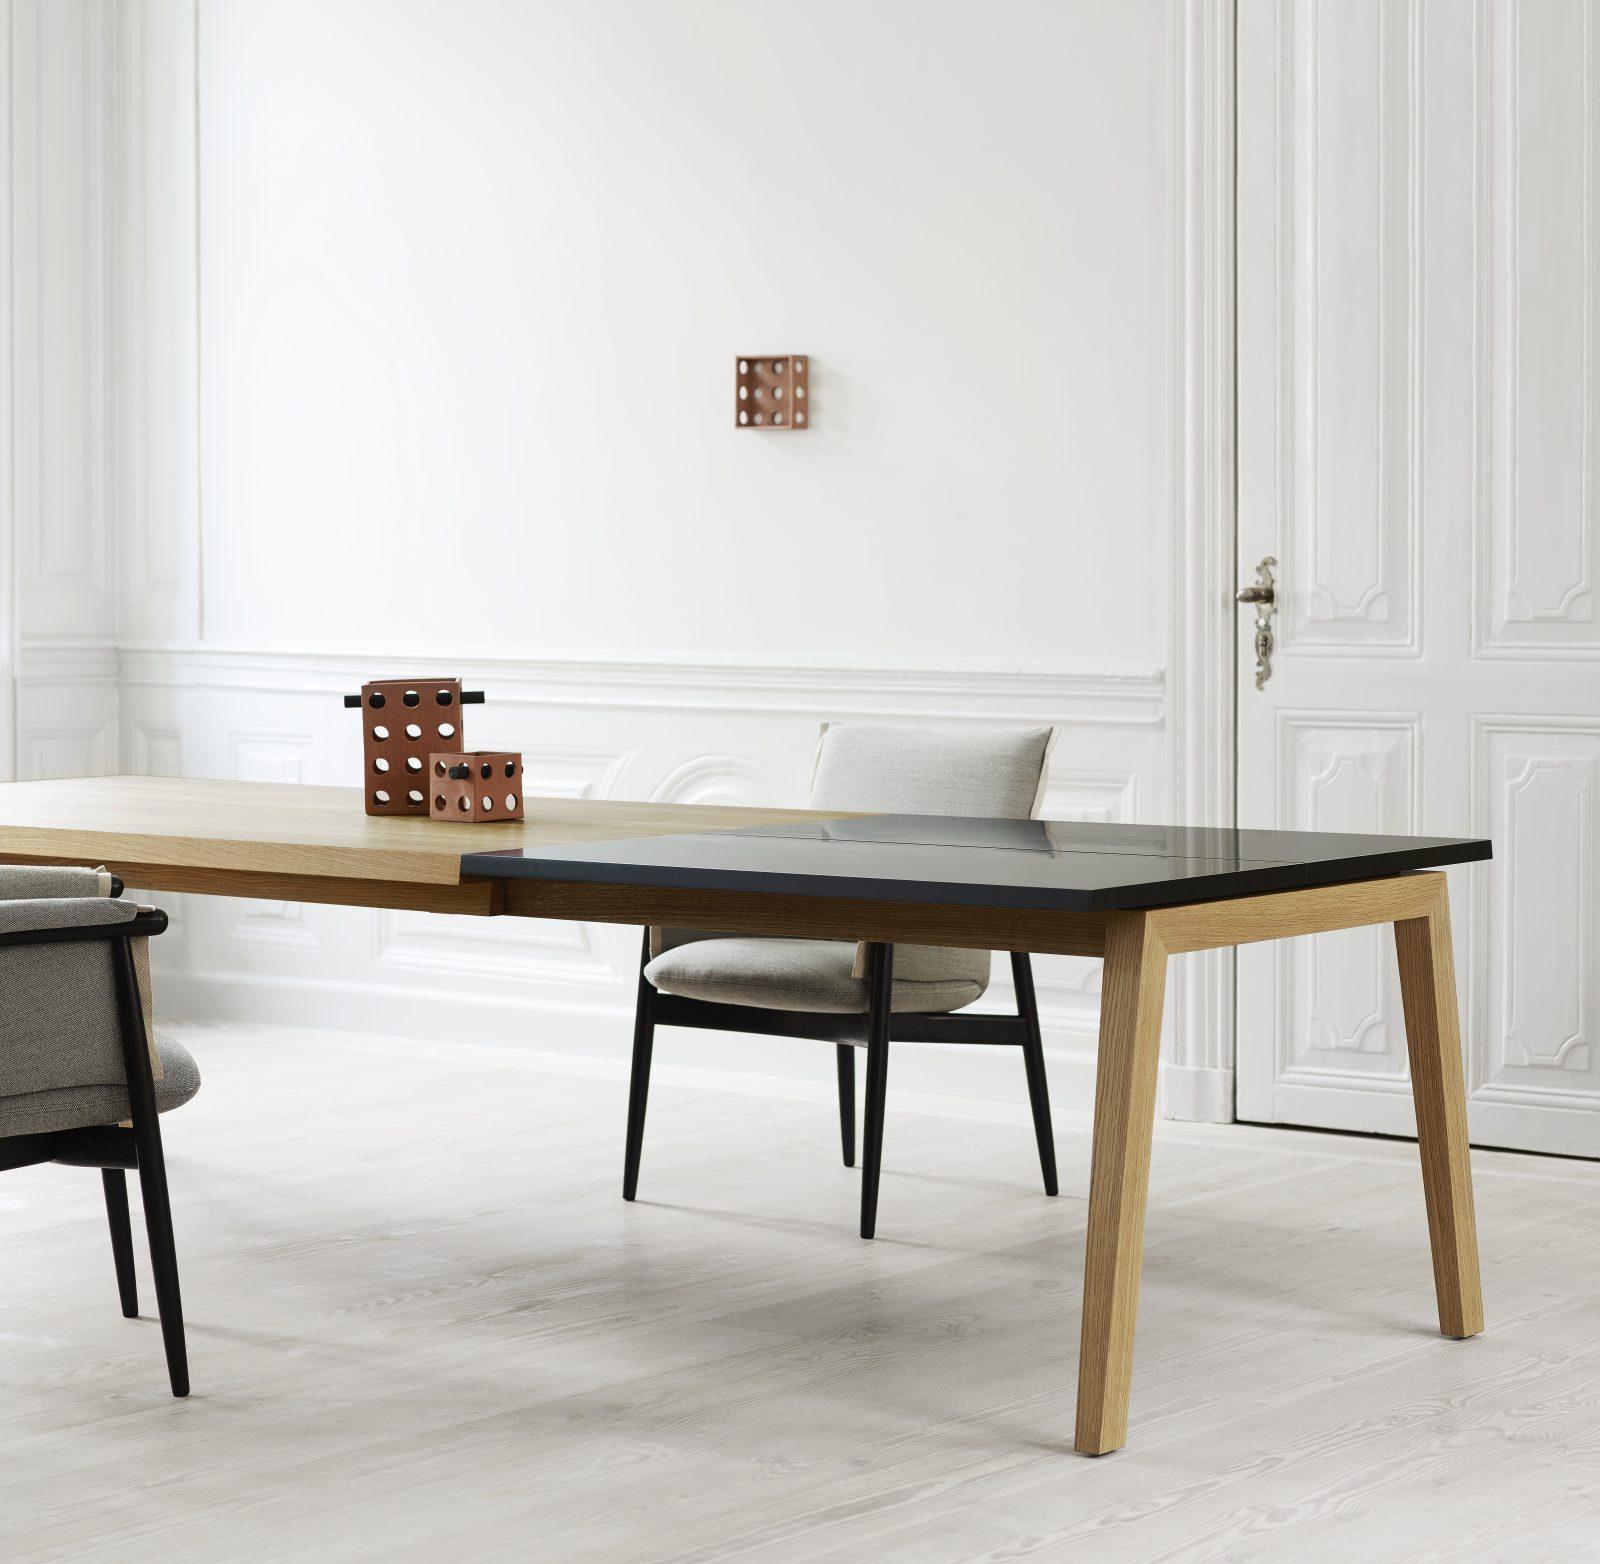 Carl hansen sh900 extend tisch nordic urban gmbh for Tisch nordic design